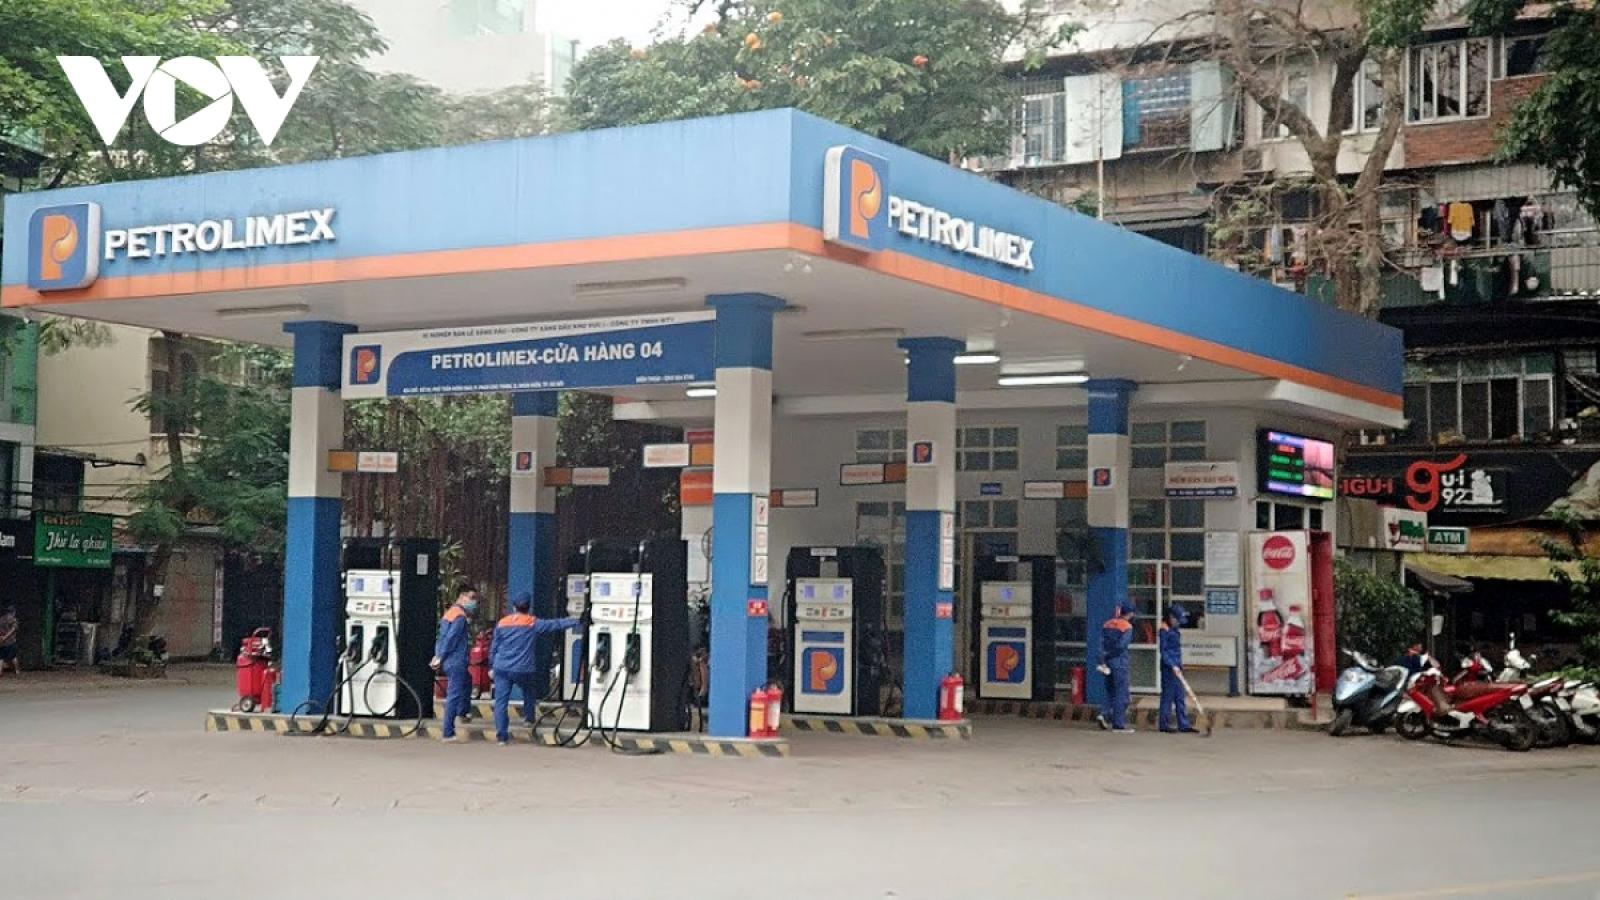 Giá xăng, dầu đồng loạt tăng nhẹ trước kỳ nghỉ lễ